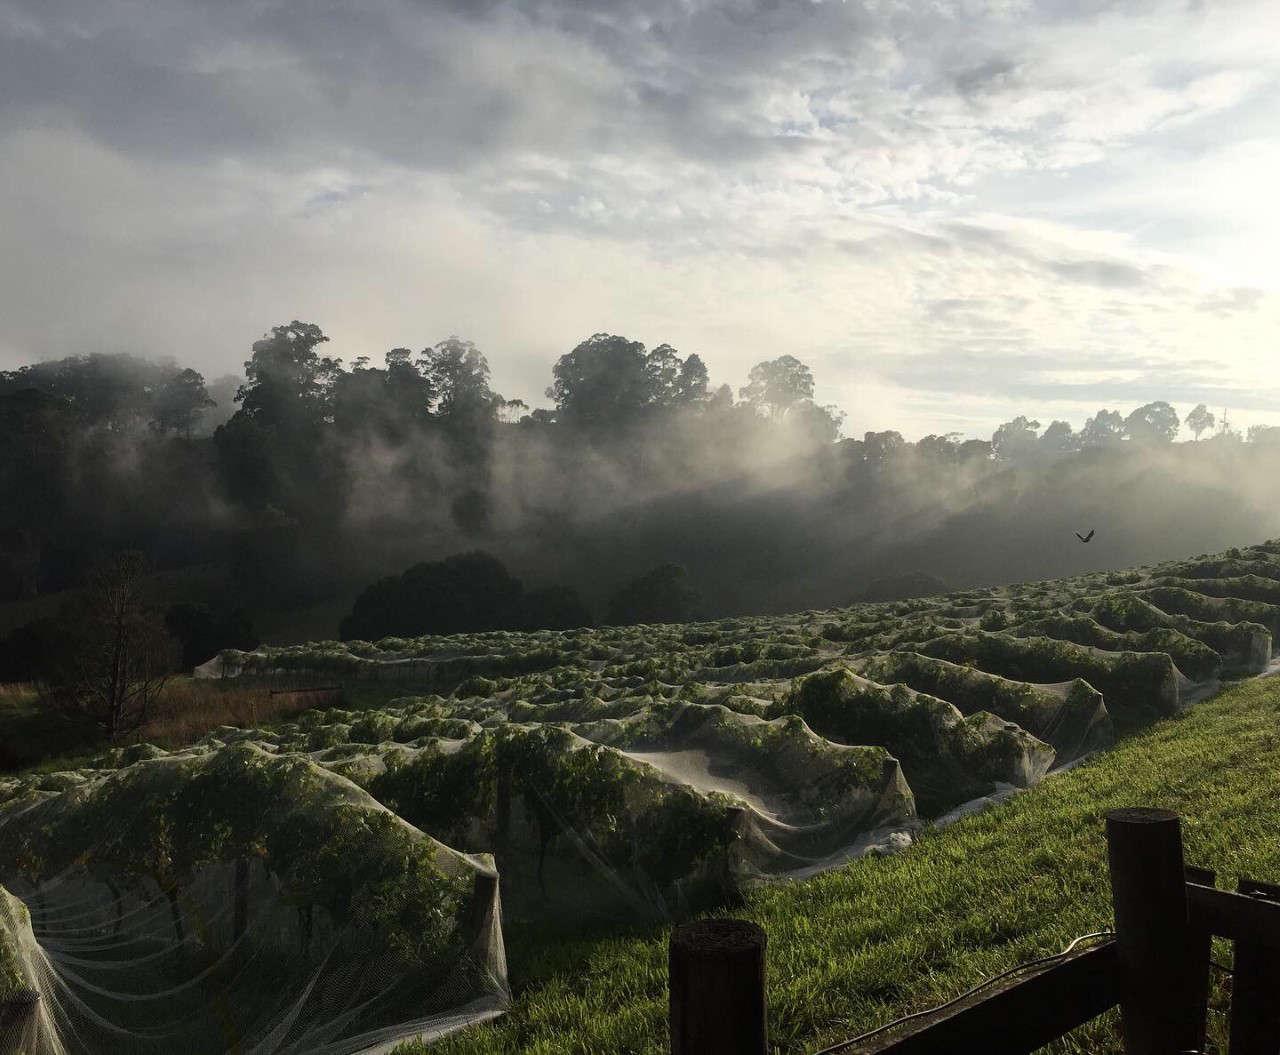 Vignes du domaine Memento Mori dans la brume